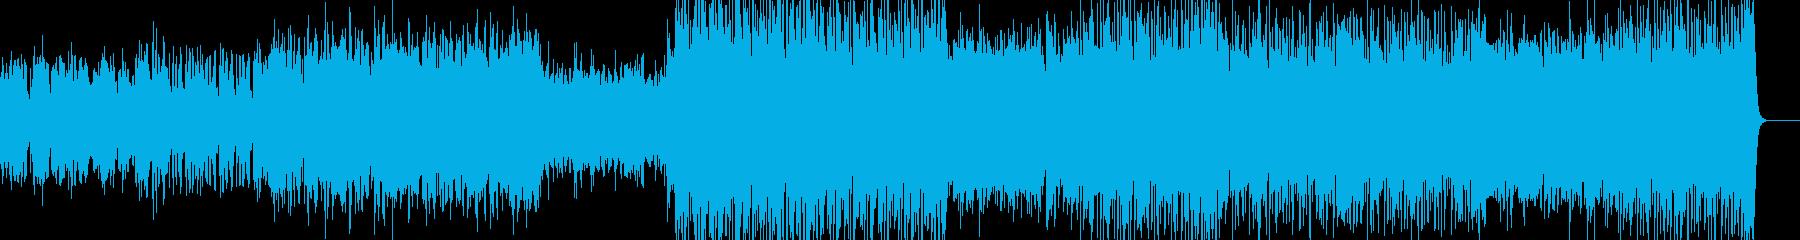 透き通ったイメージの曲です。の再生済みの波形